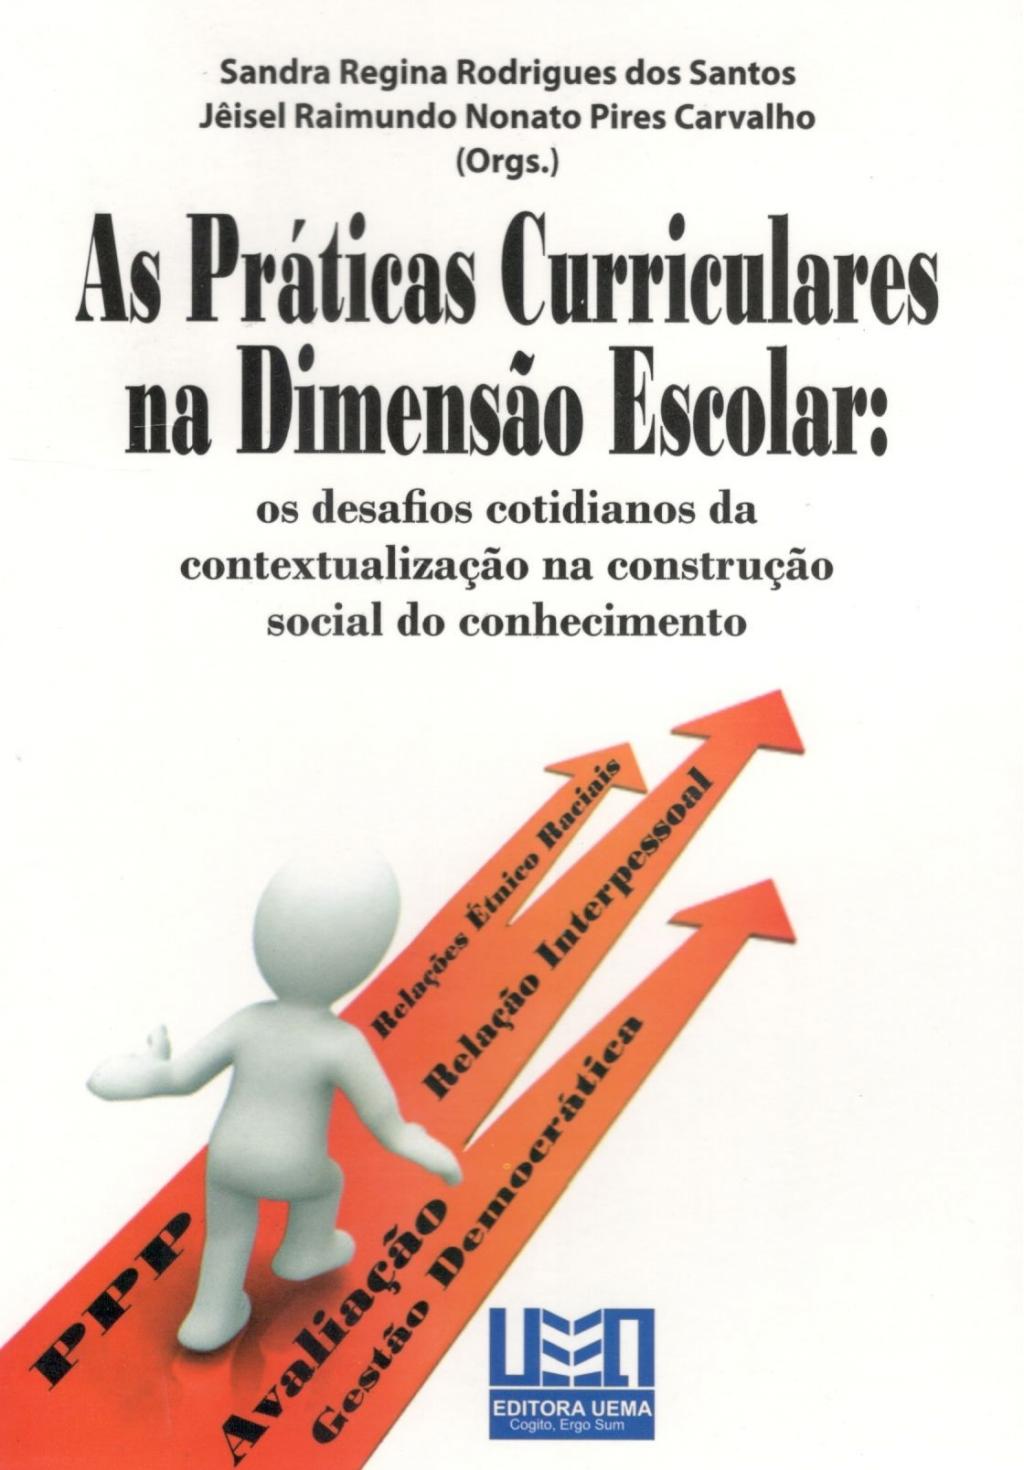 As práticas curriculares na dimensão escolar: Os desafios cotidianos da contextualização na construção social do conhecimento